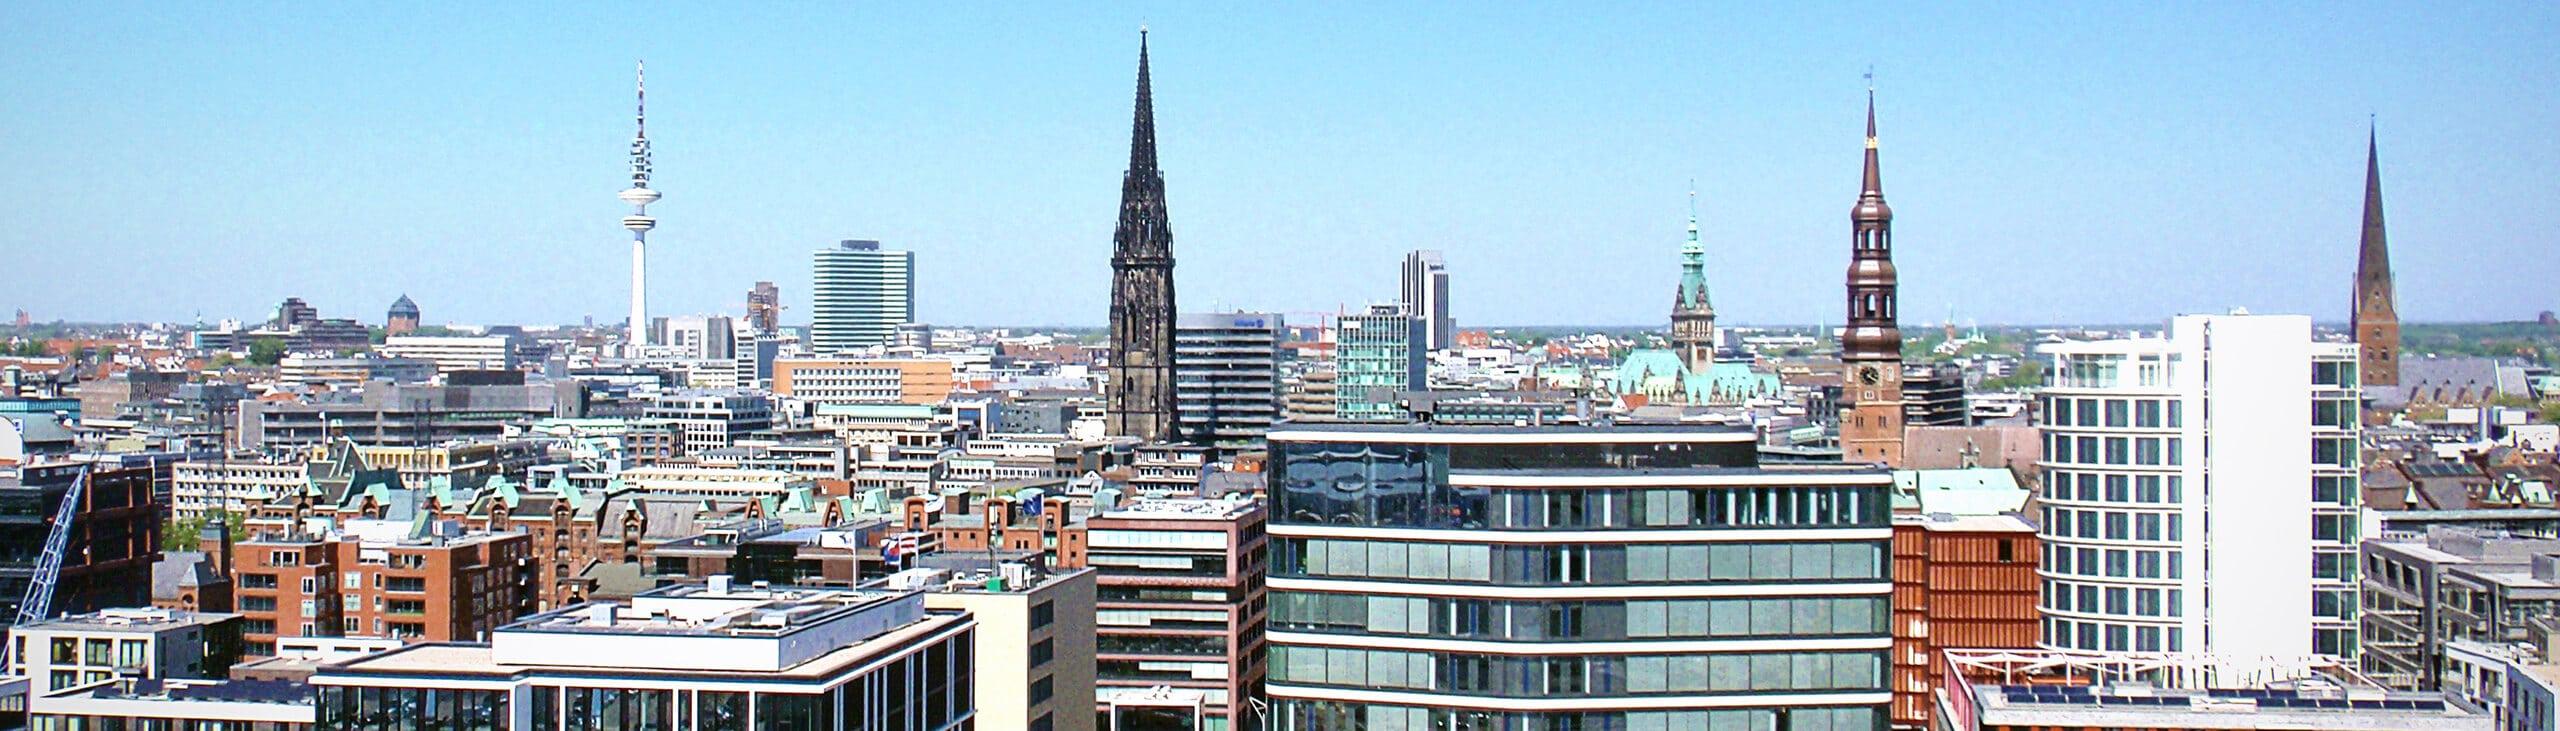 Silhouette von Hamburg, der Sitz der Kanzlei Hentschelmann